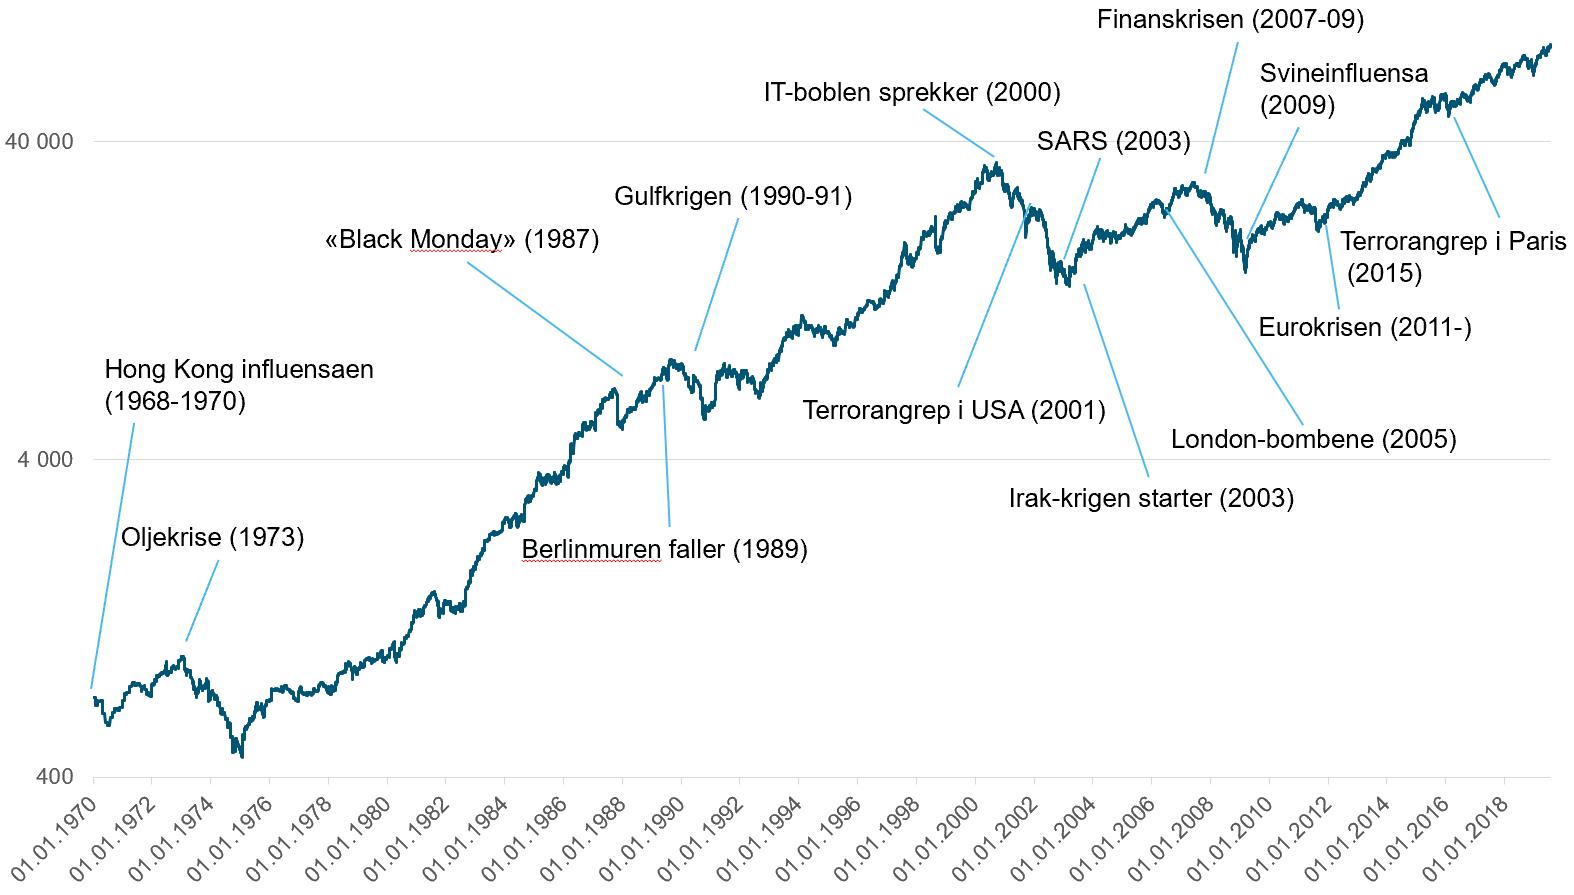 Her ser du utviklingen i det globale aksjemarkedet med utvalgte kriser markert fra 1970 og frem til i dag.